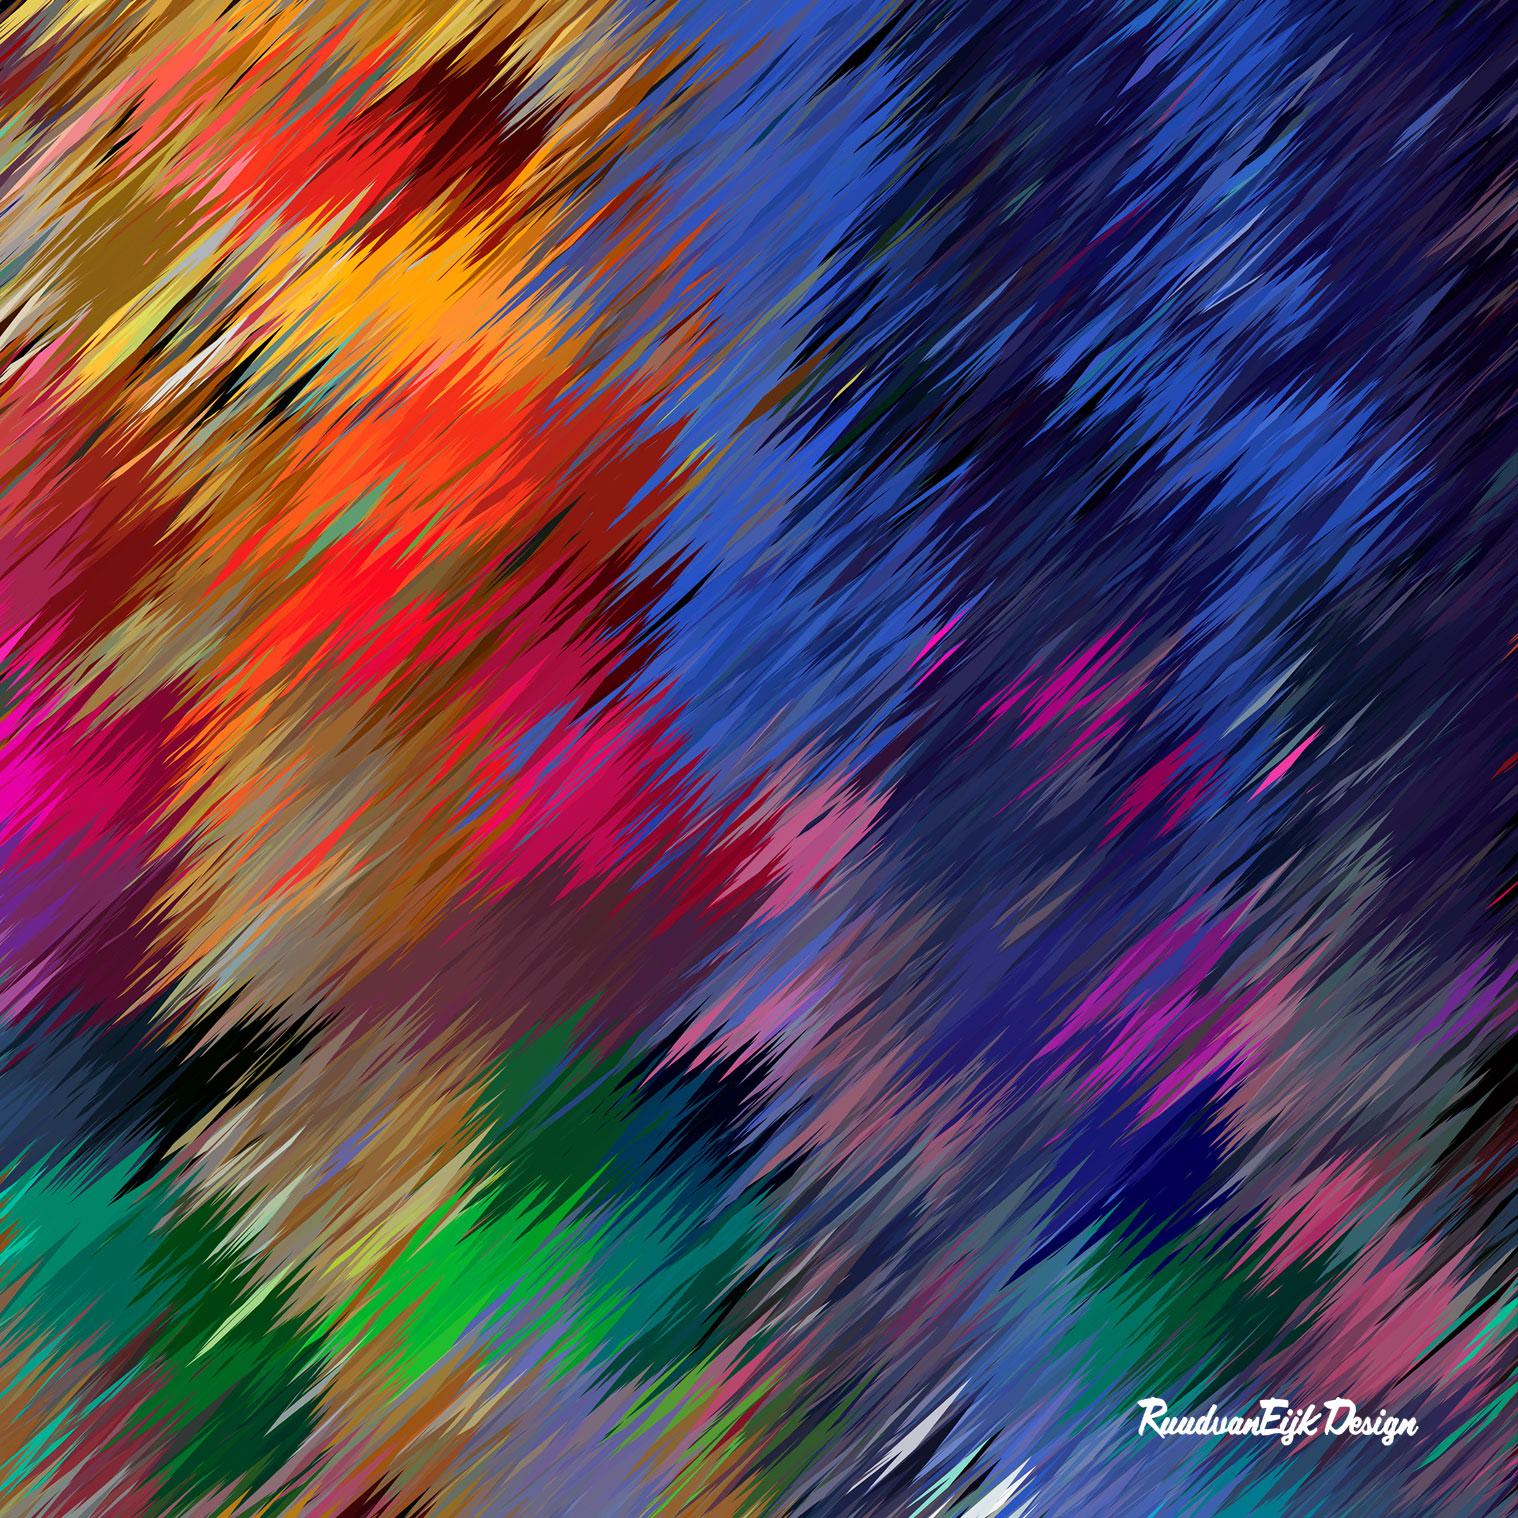 01-PersonalArtPrintsDecor-04a